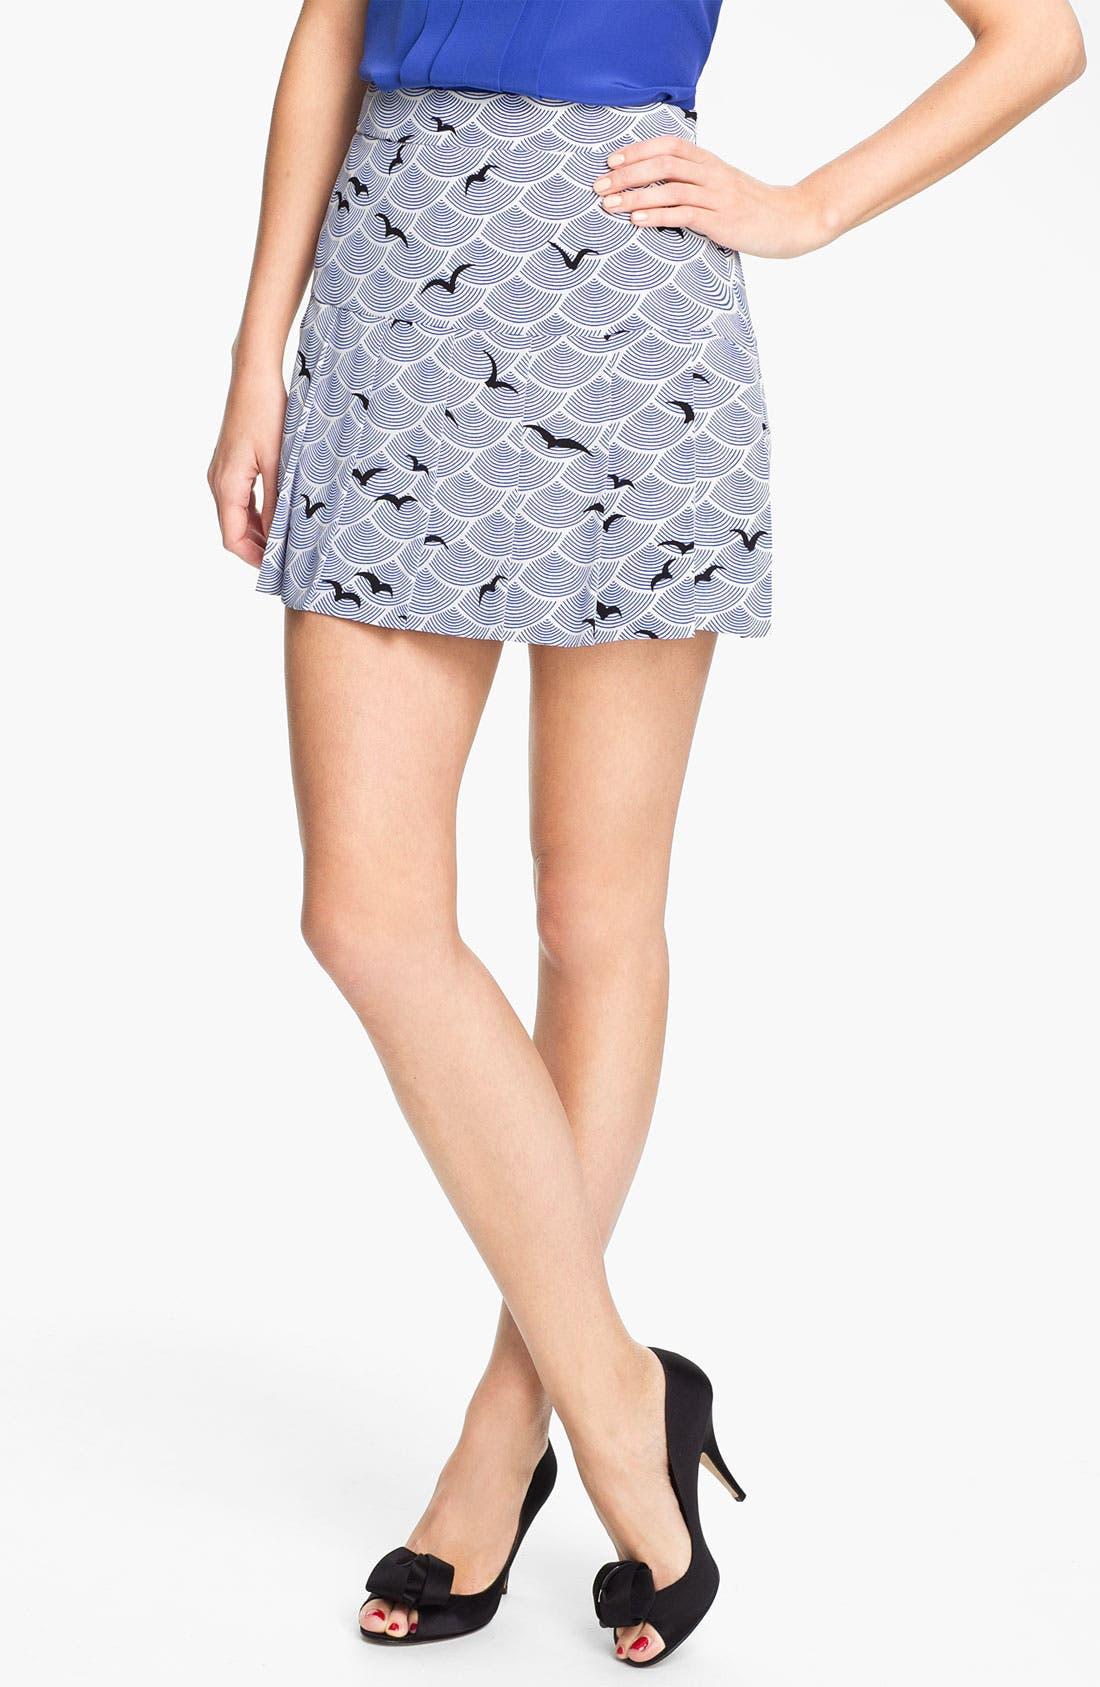 Alternate Image 1 Selected - kate spade new york 'gavin' print skirt